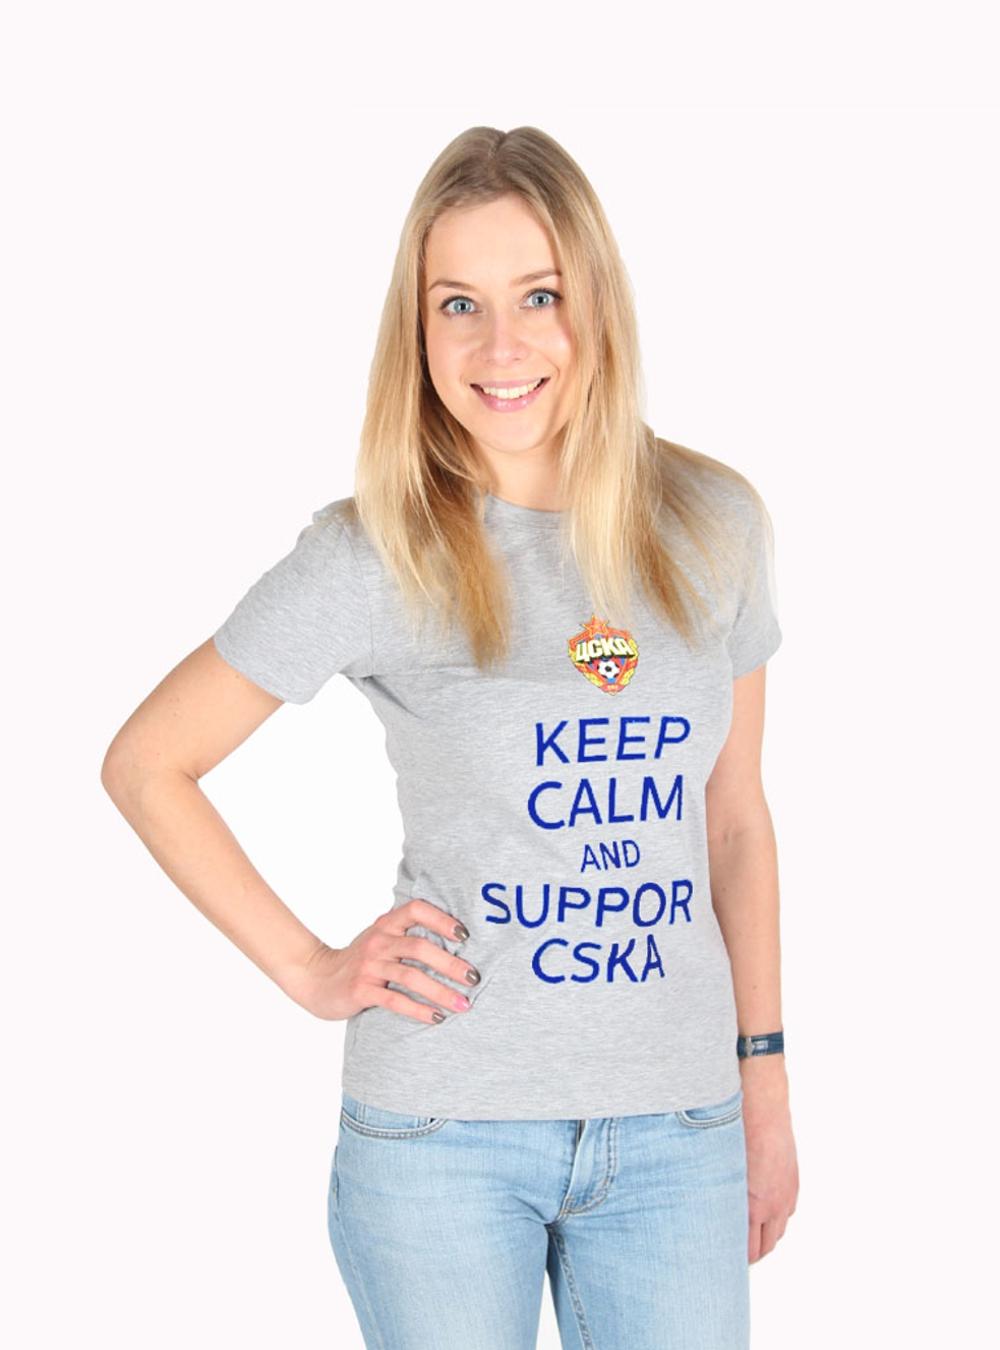 Футболка женская Keep Calm and Support CSKA , цвет серый (XL)Футболки женские<br>Футболка женская Keep Calm and Support CSKA , цвет серый<br>